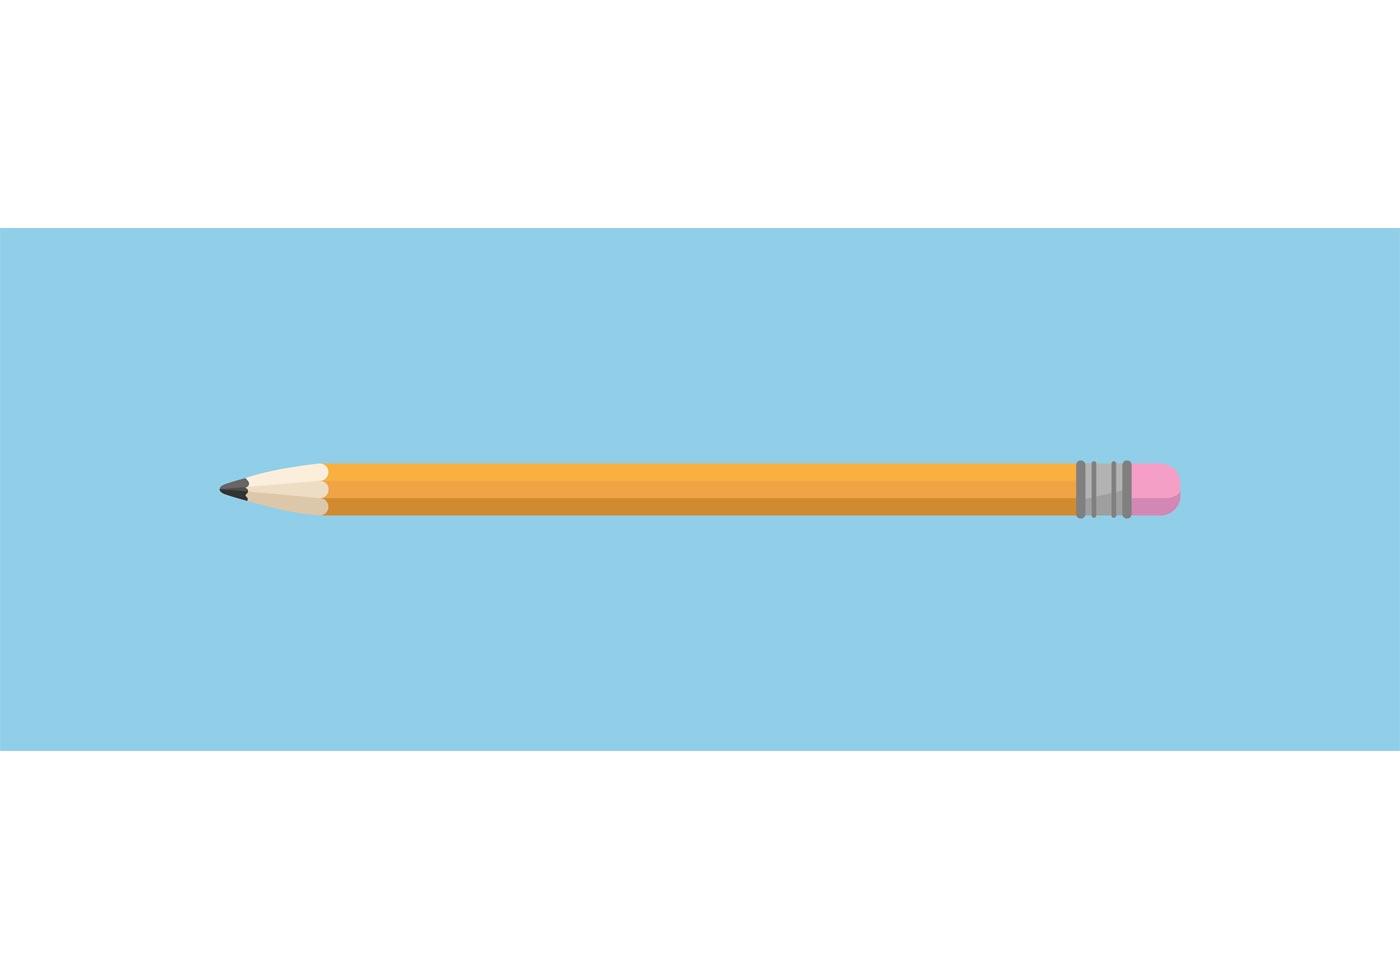 Pencil Vector Free Vector Art From Vecteezy